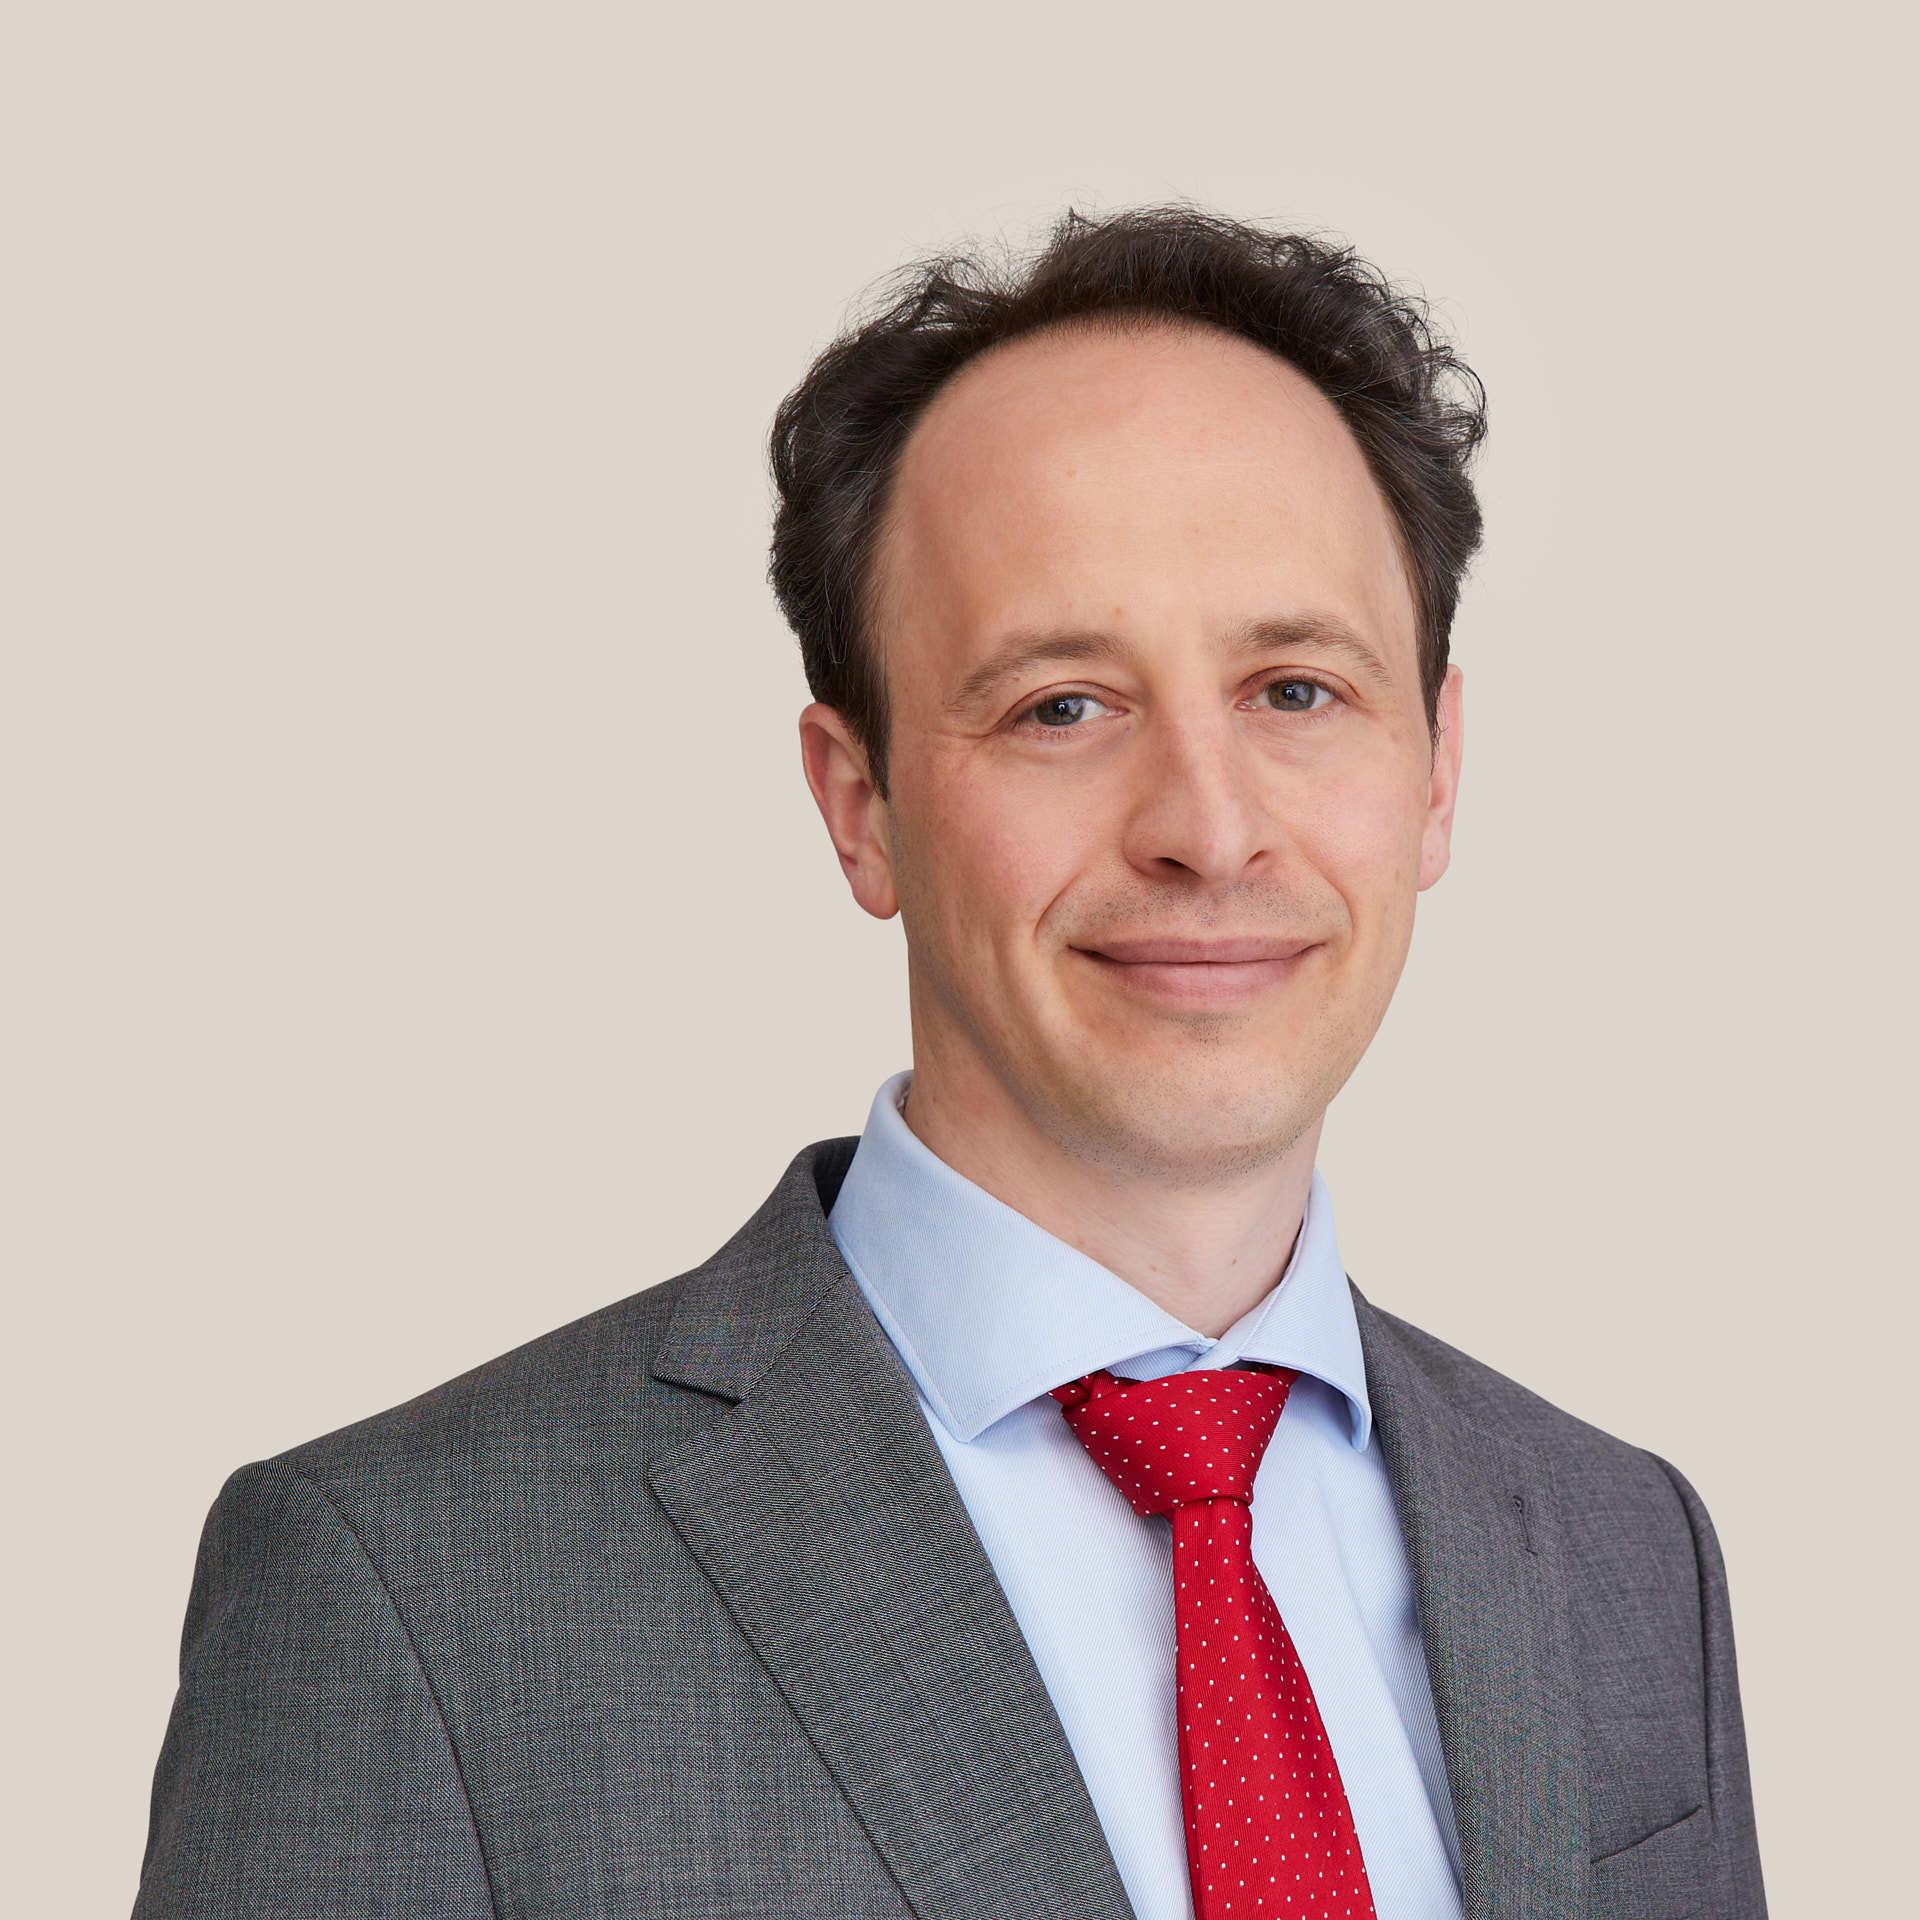 Edward vangeuns